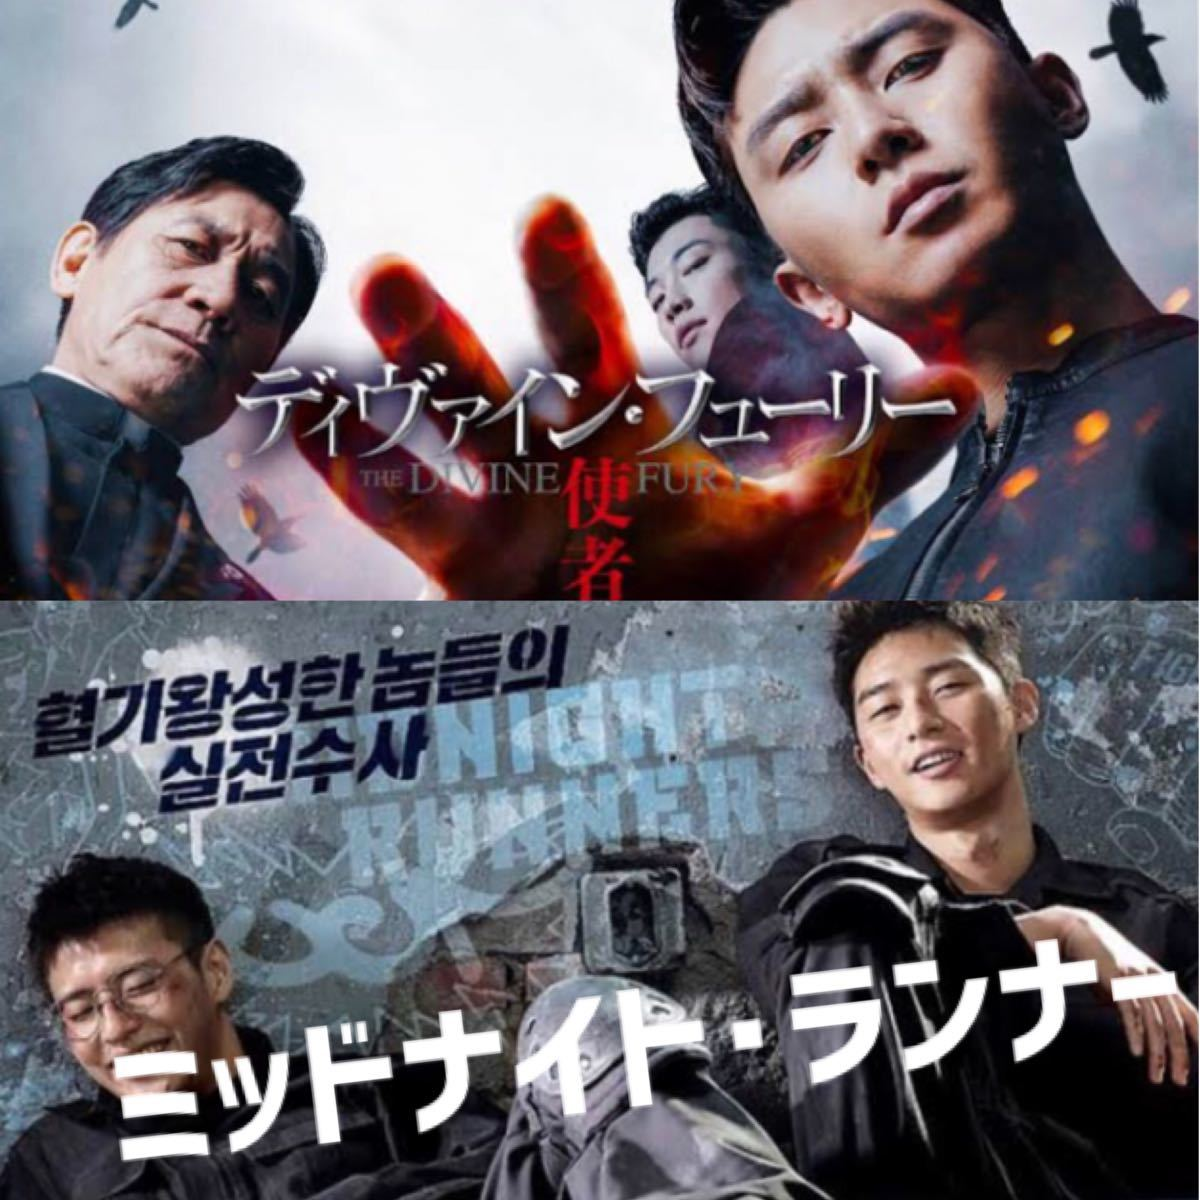 韓国映画  ミッドナイト・ランナー  ディヴァイン・フューリー  パク・ソジュン  DVD  2点セット  レーベル有り